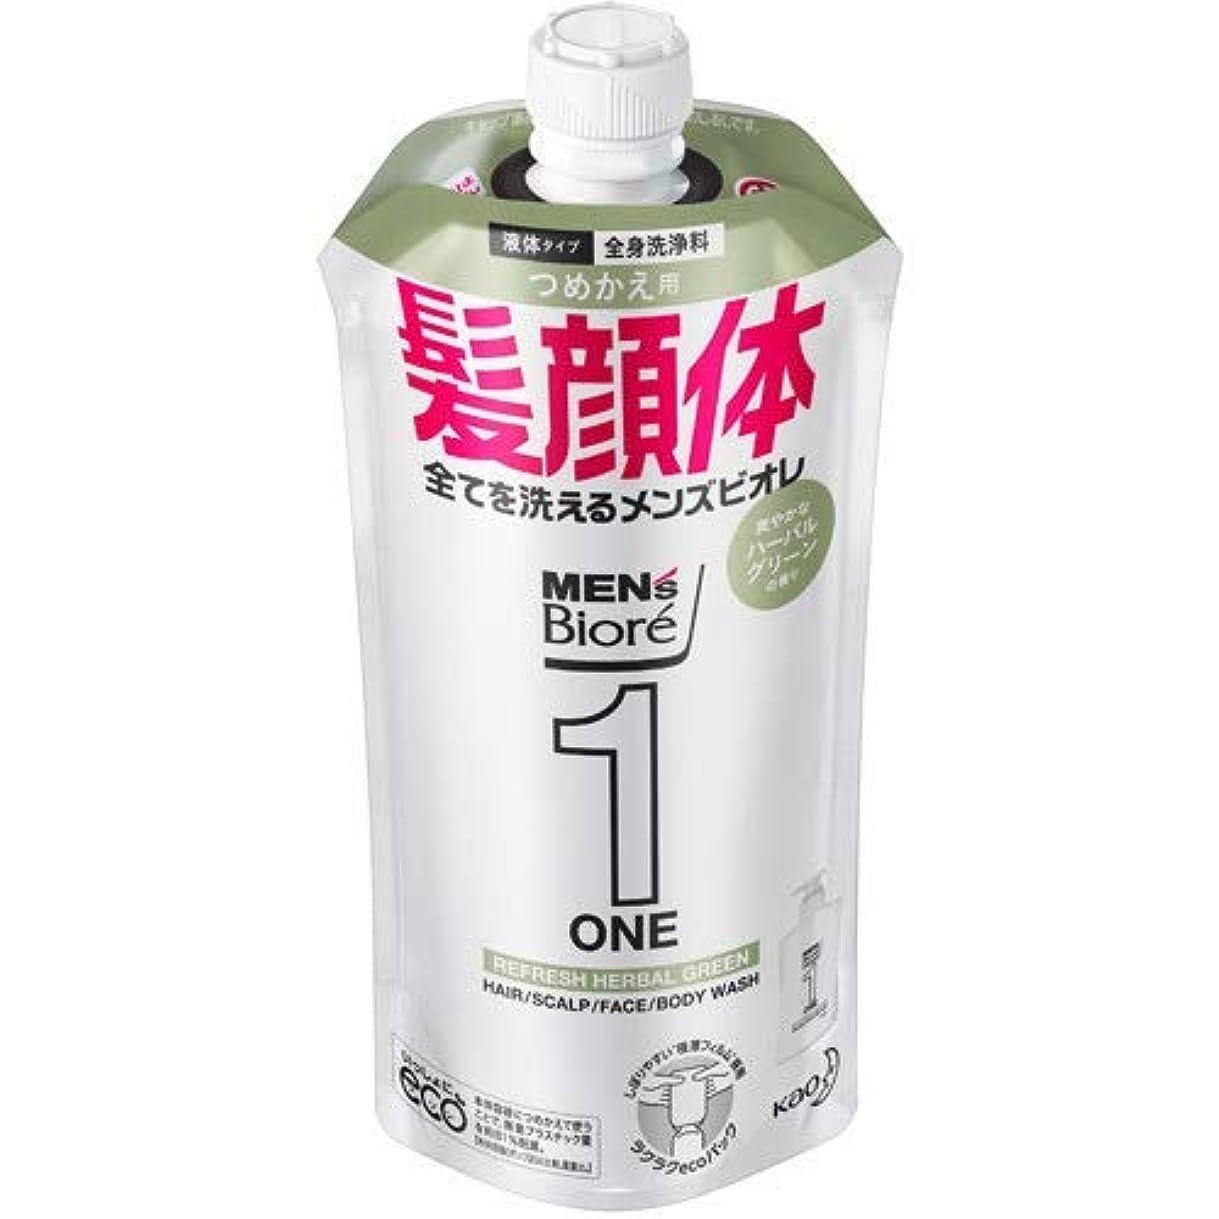 ギャップ不正ゴルフ【10個セット】メンズビオレONE オールインワン全身洗浄料 爽やかなハーブルグリーンの香り つめかえ用 340mL